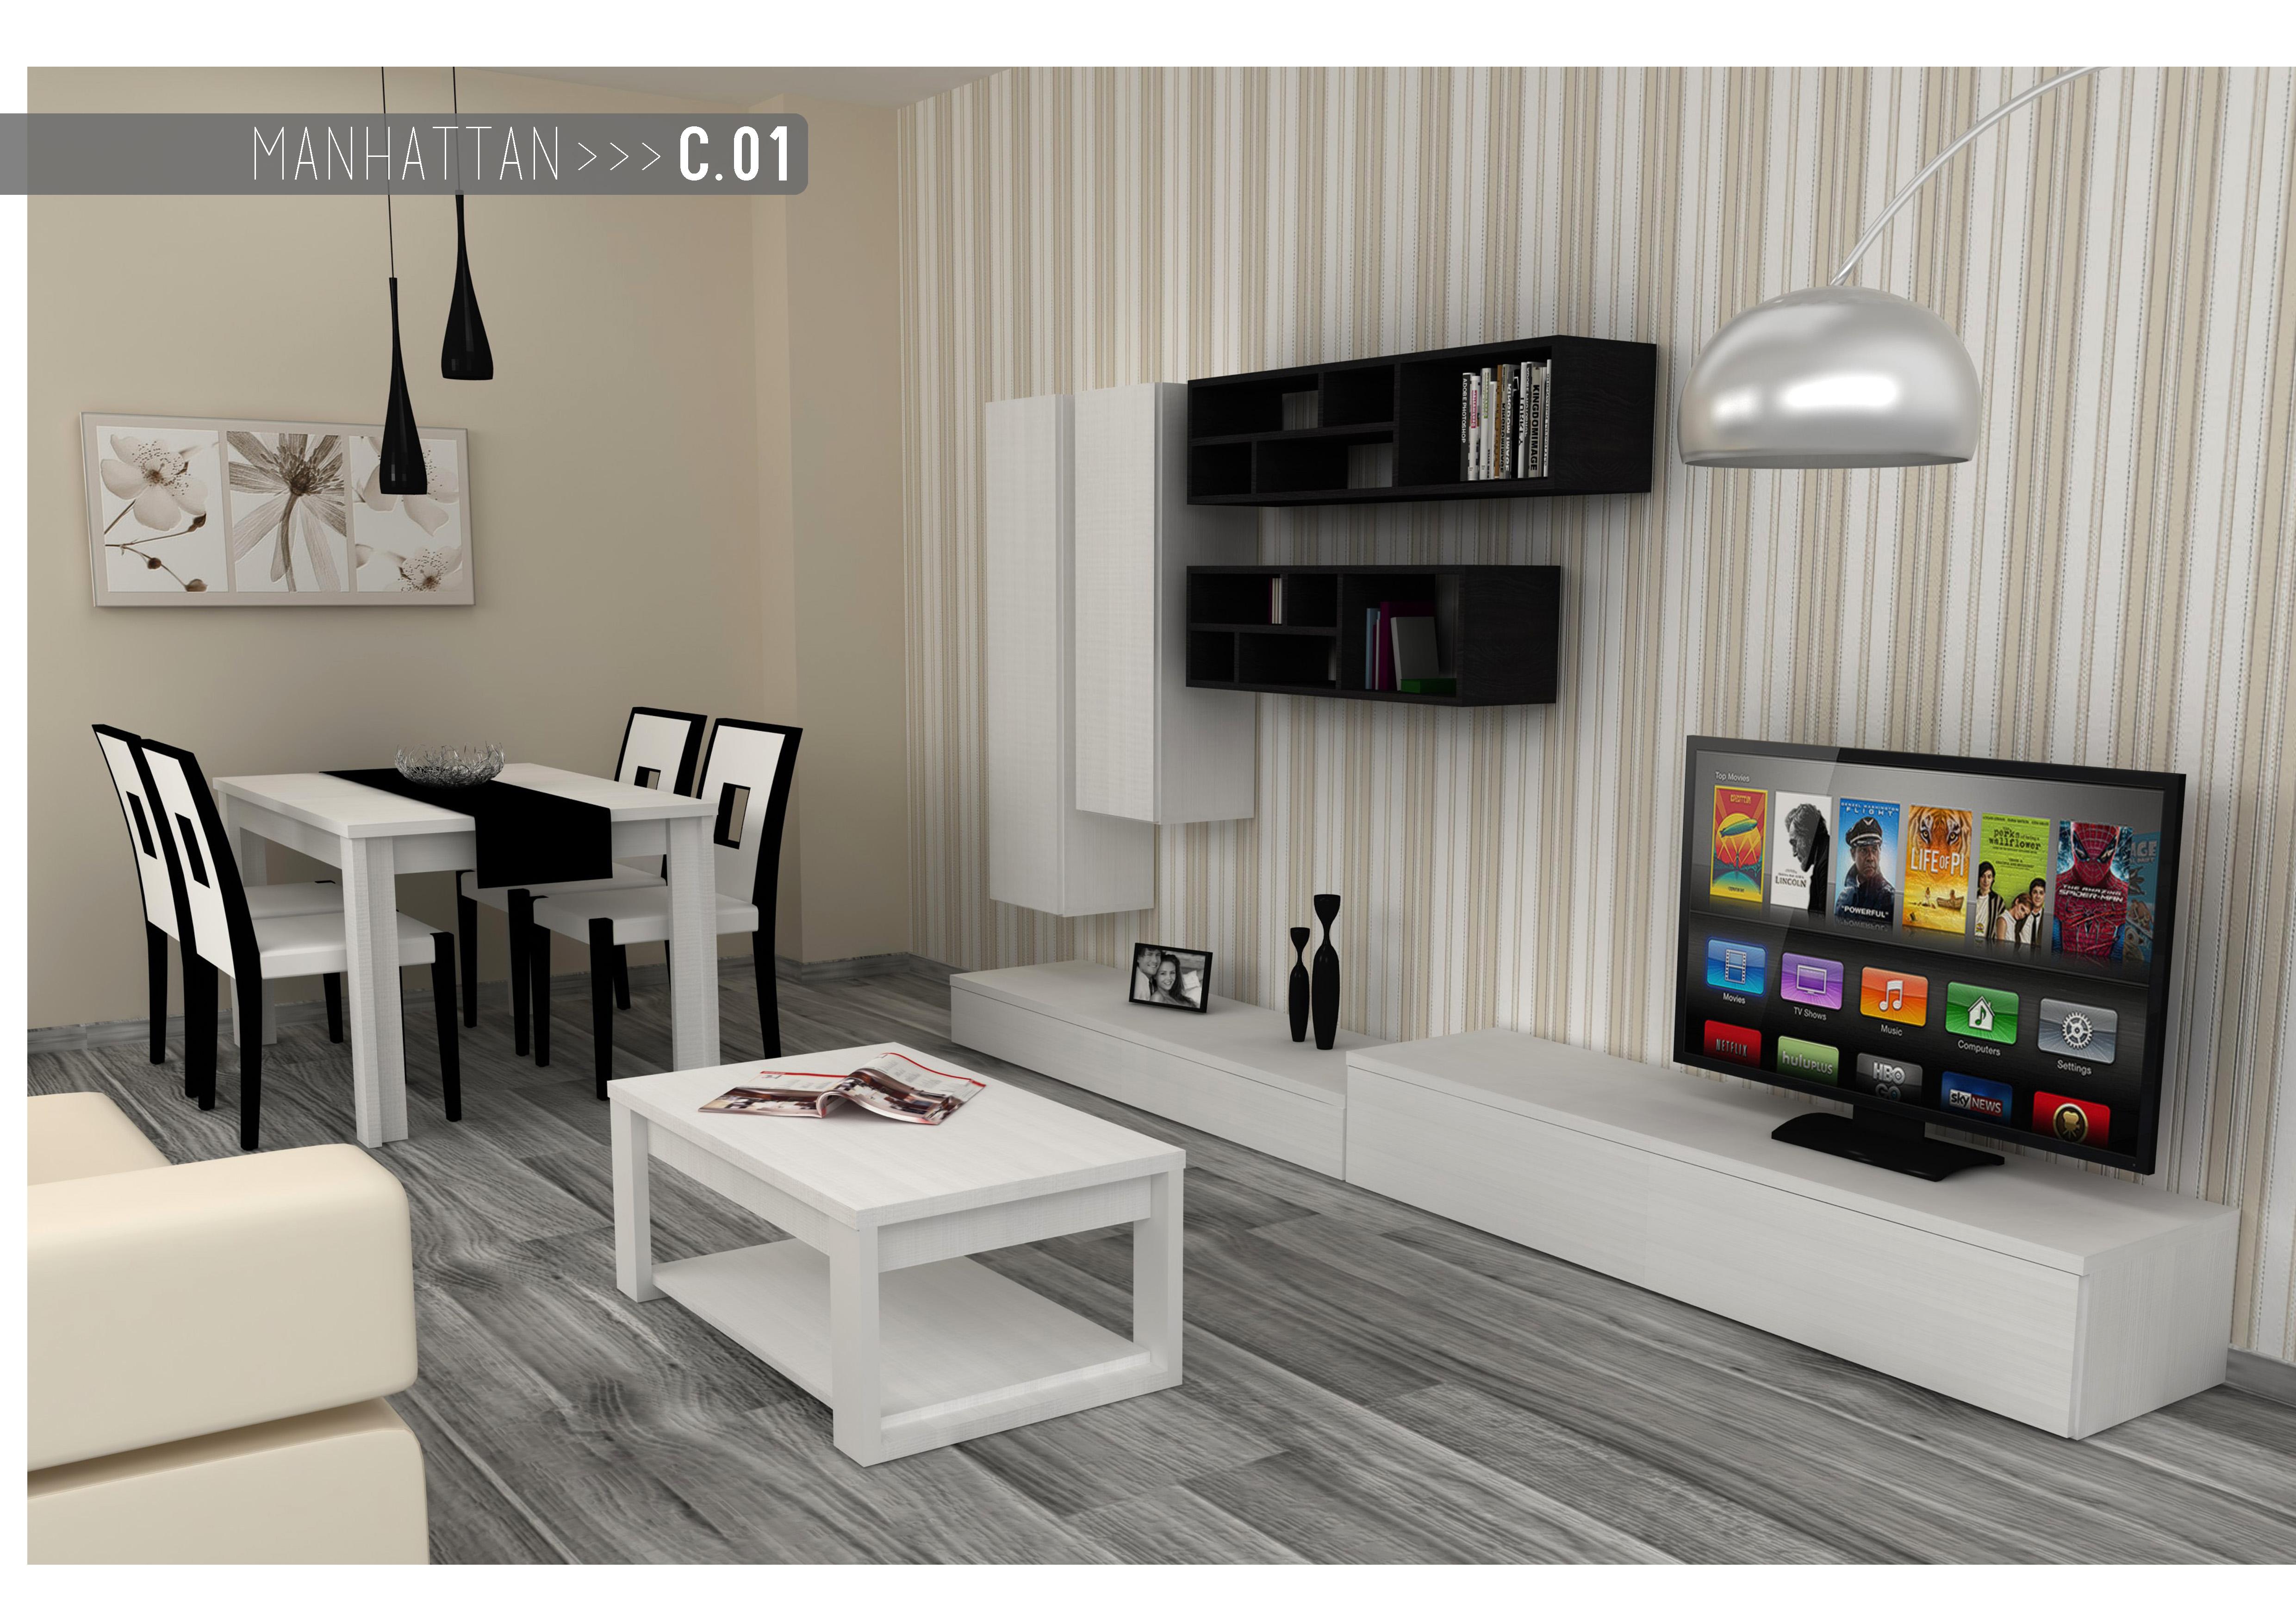 Manhattan C.01 - Rio mobiliario